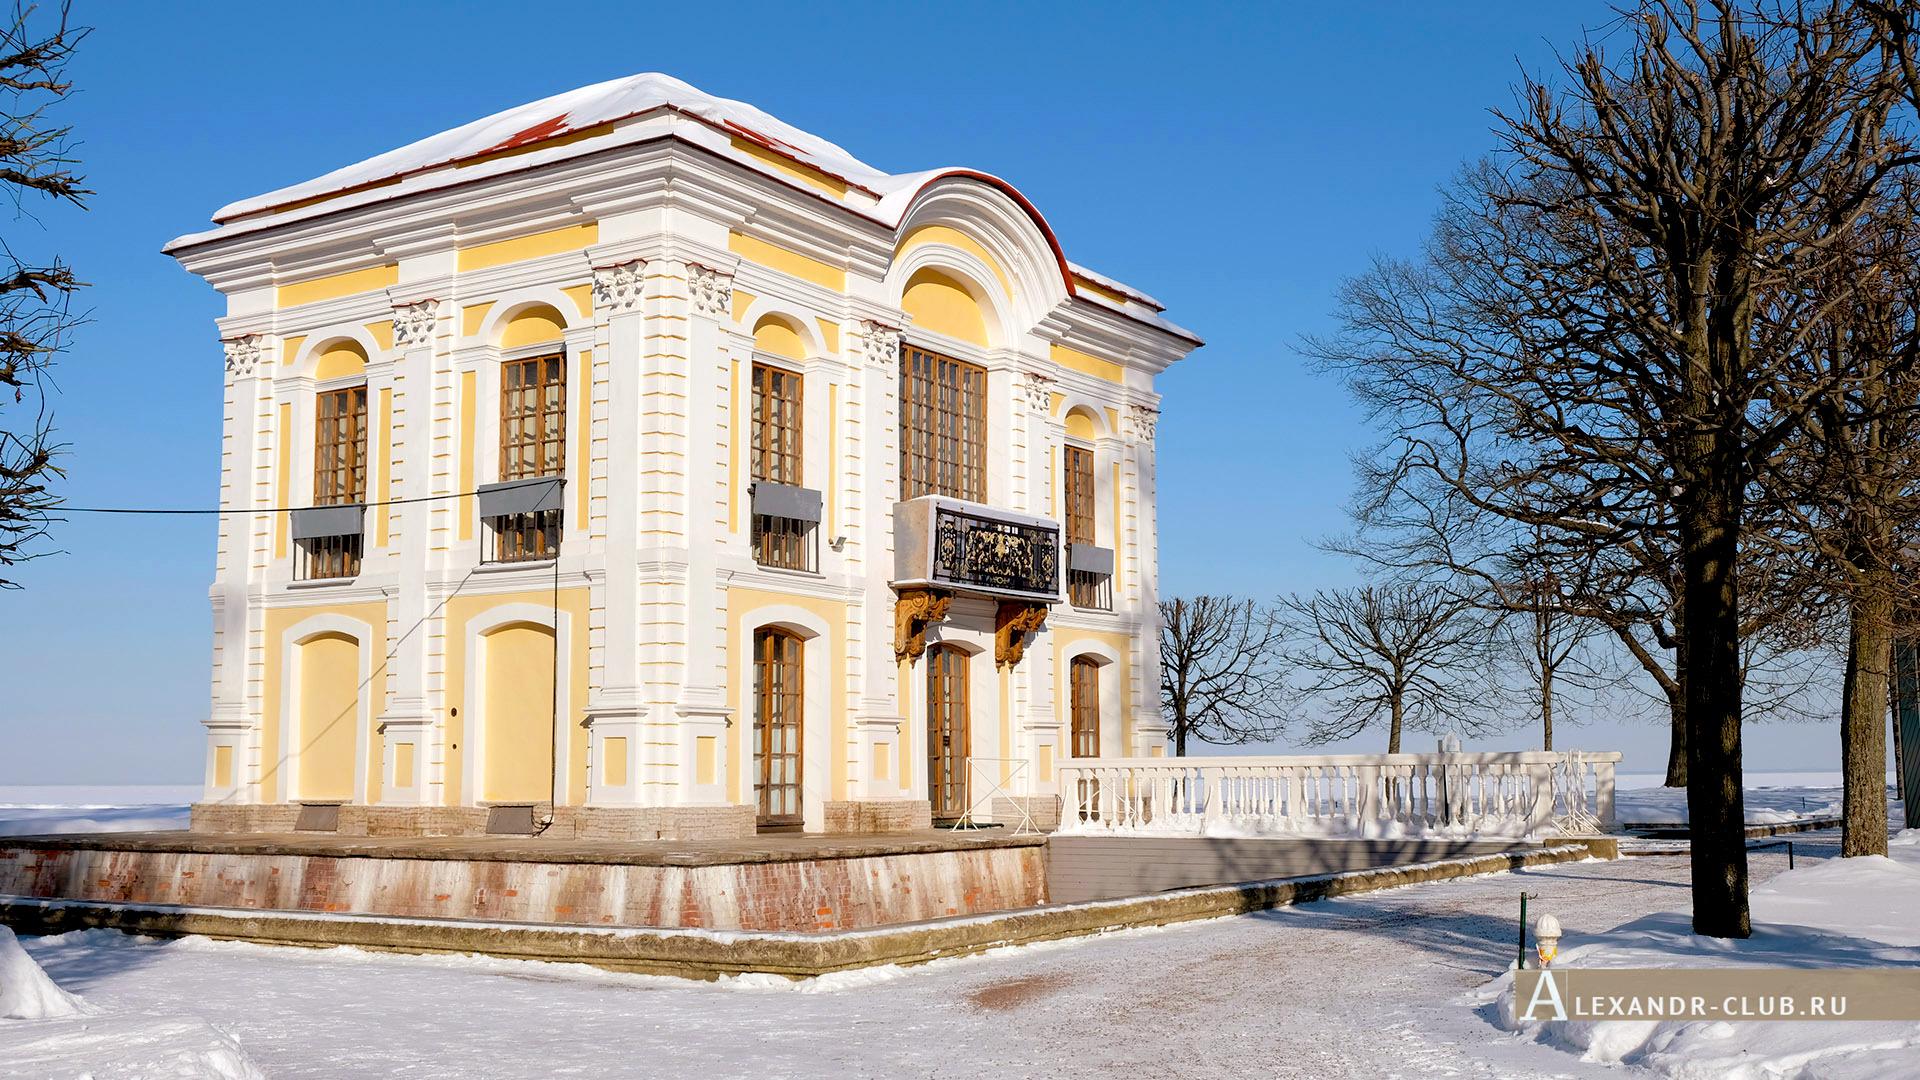 Петергоф, зима, Нижний парк, павильон «Эрмитаж»